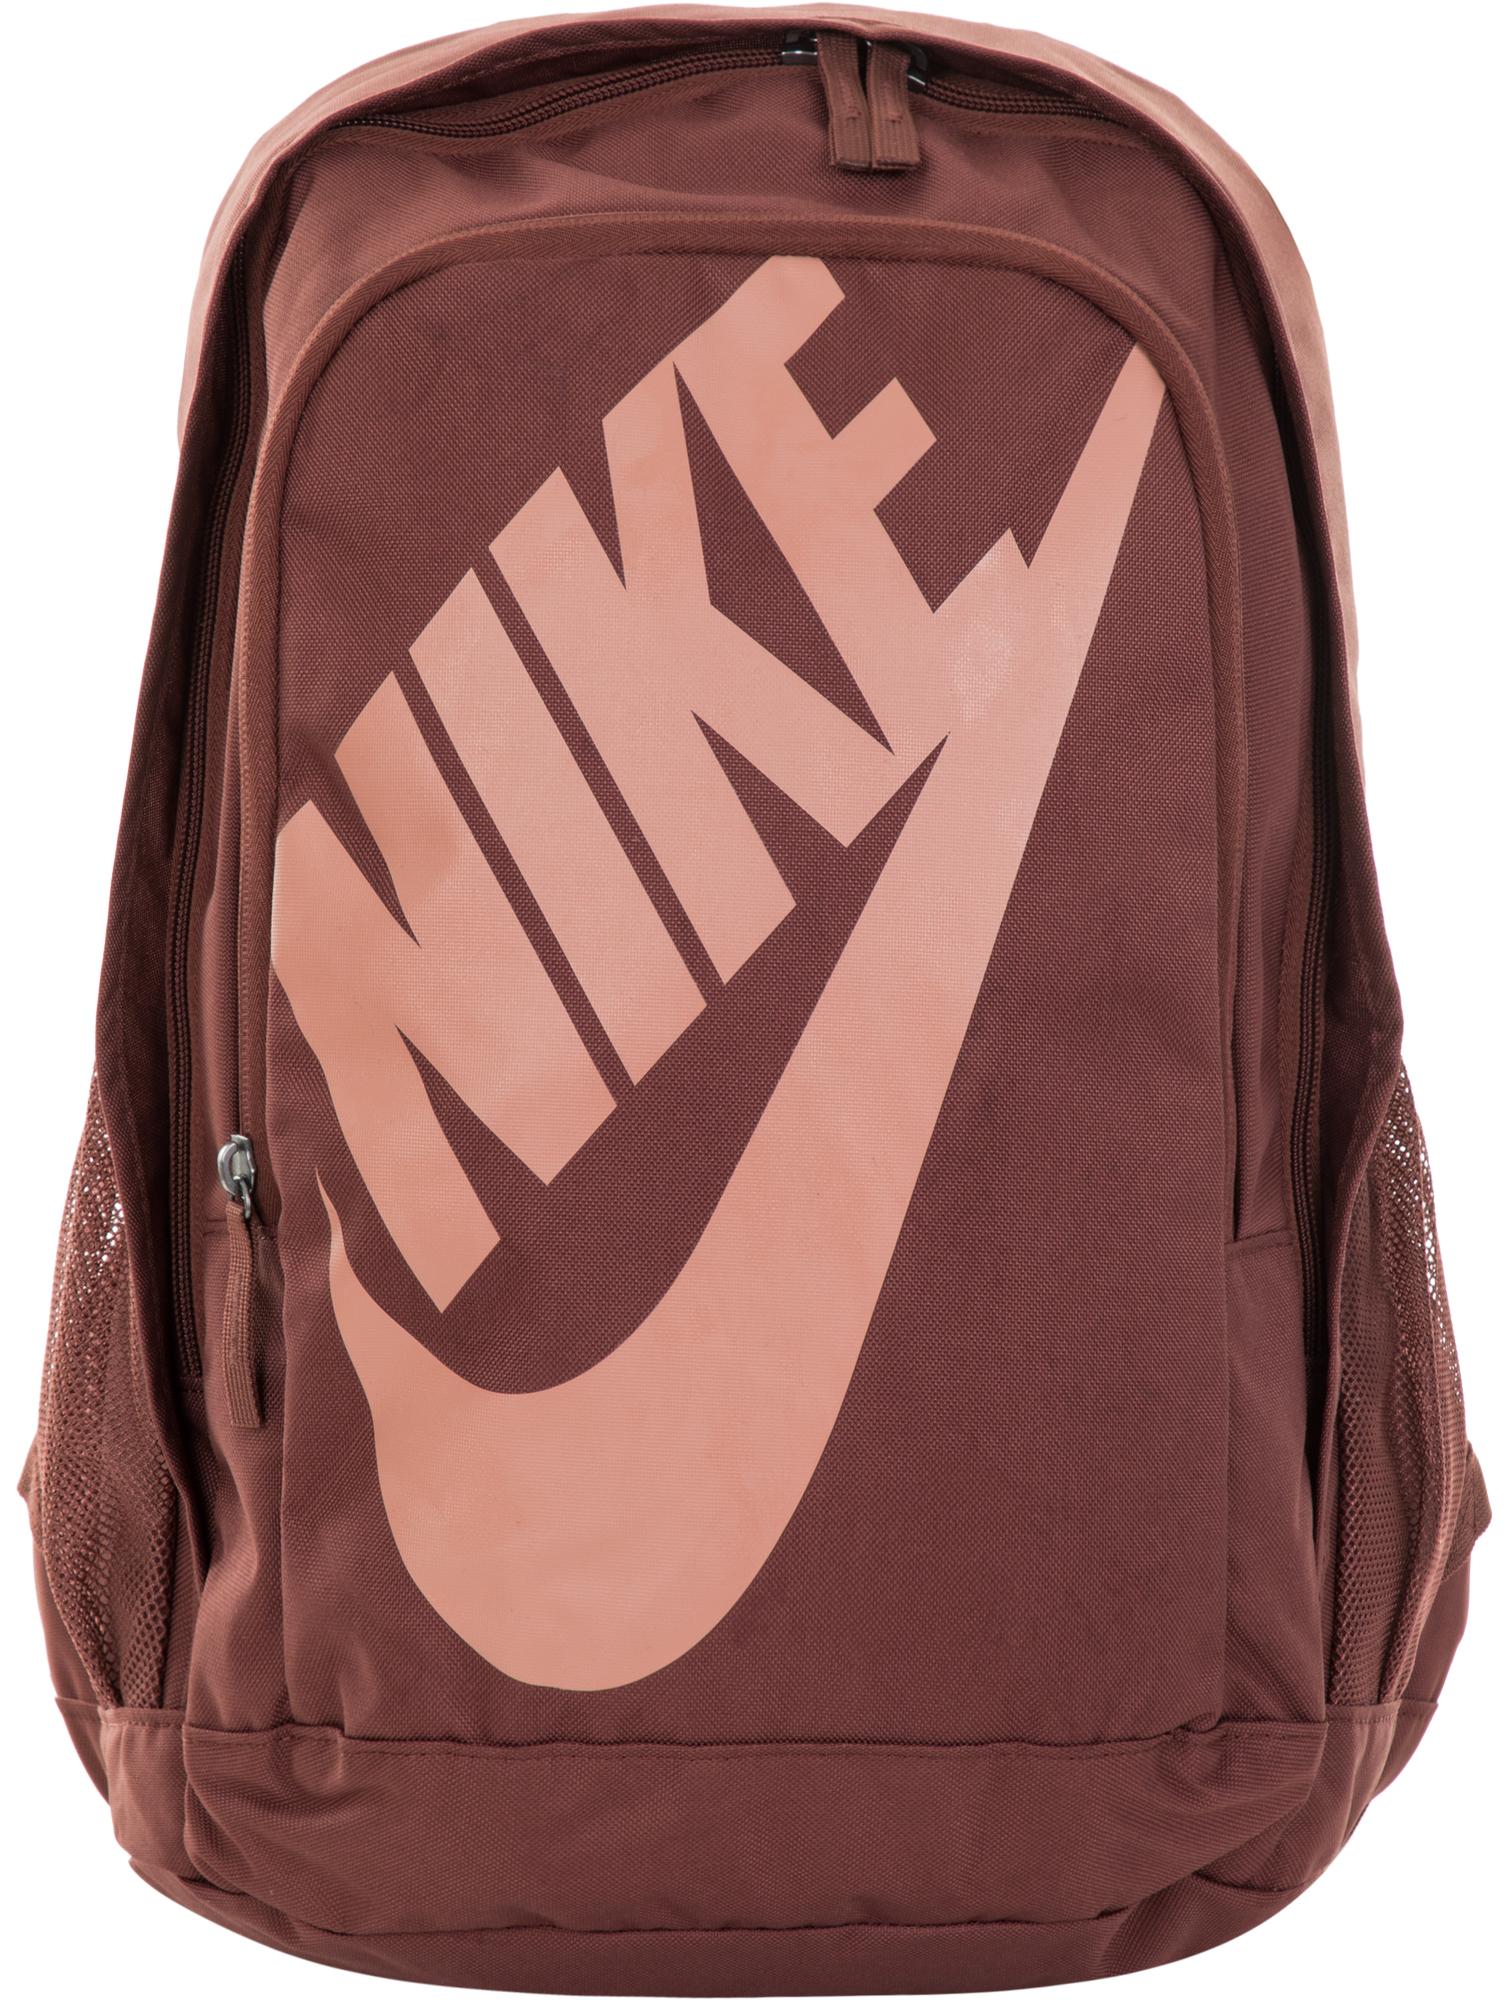 Nike Рюкзак женский Nike Sportswear Hayward Futura 2.0, размер Без размера цены онлайн